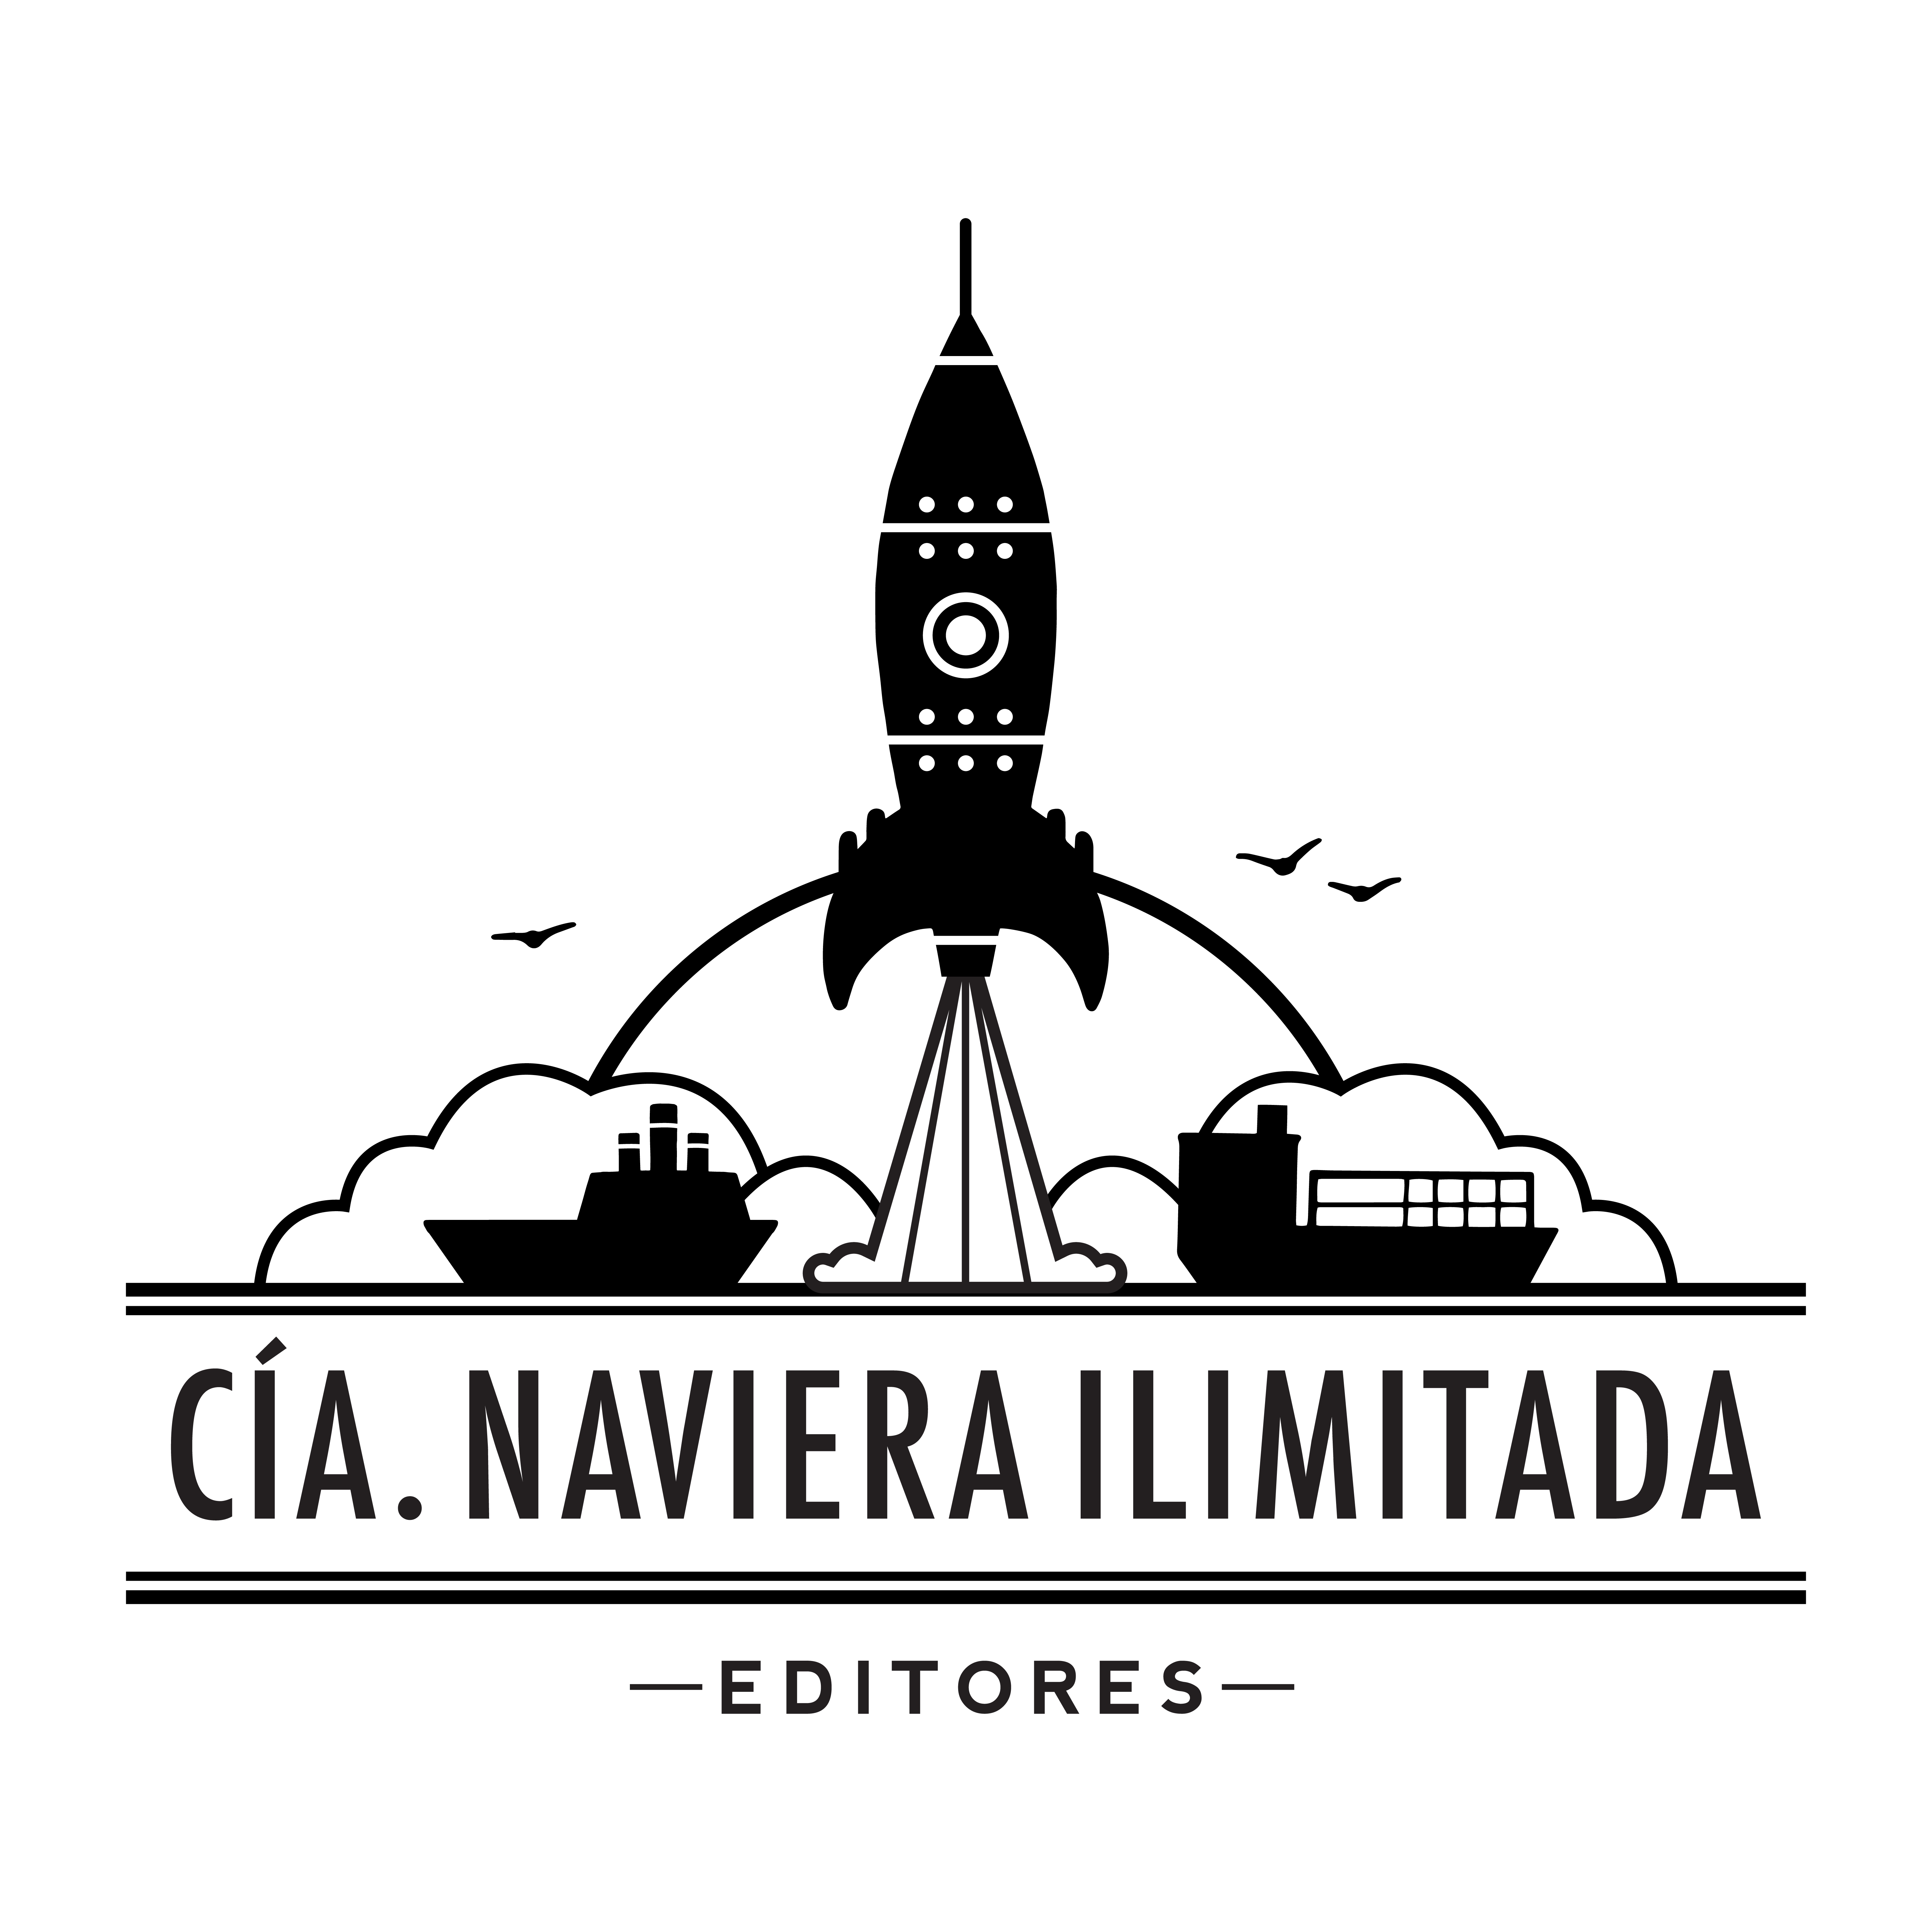 Compañía Naviera Ilimitada editores